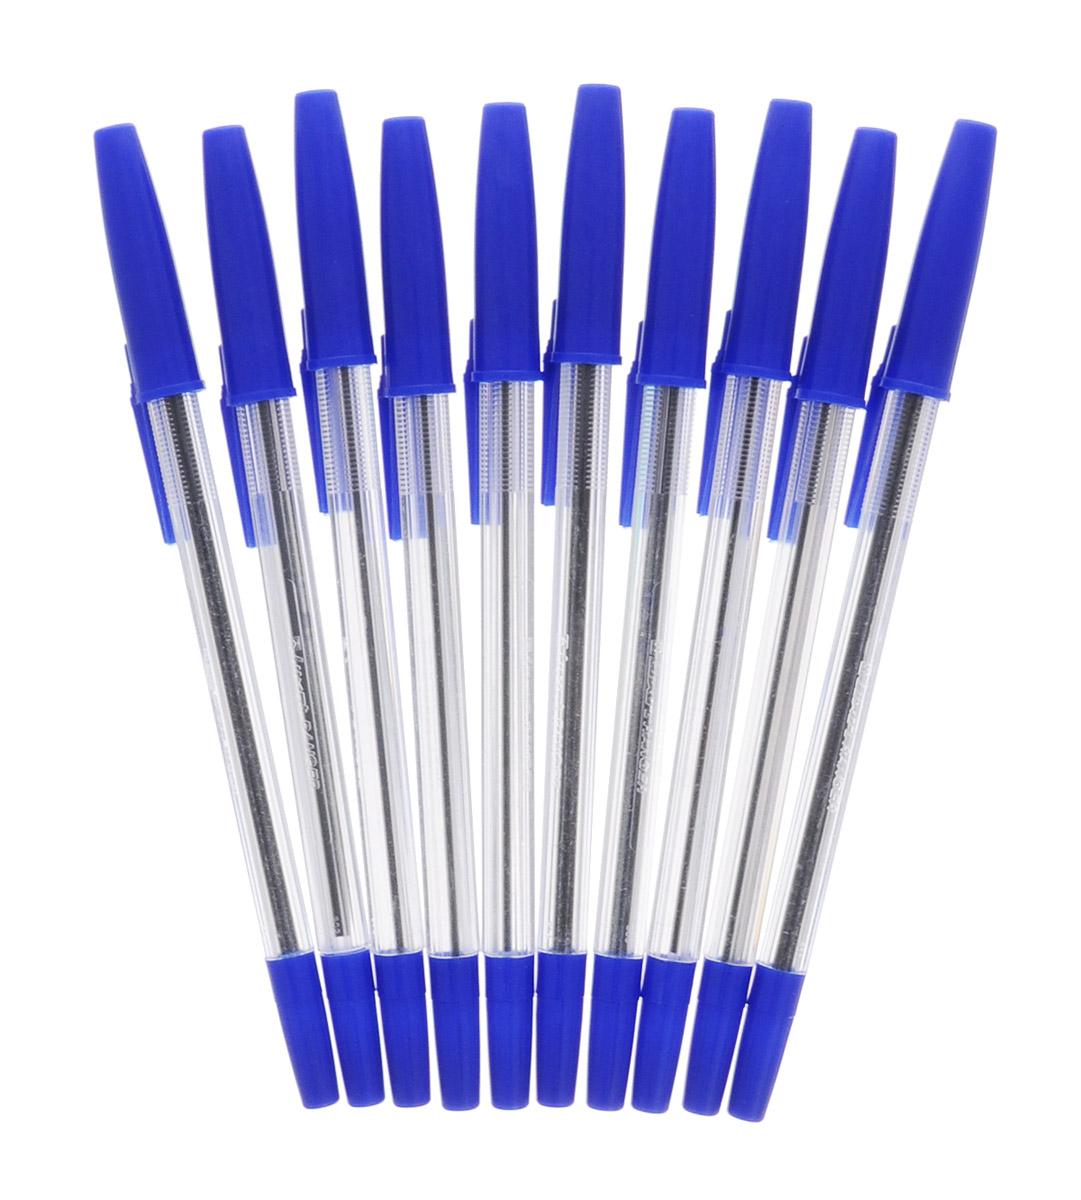 Luxor Набор шариковых ручек Ranger цвет чернил синий 10 шт набор капиллярных ручек luxor fine writer 045 246642 цвет чернил красный 10 шт